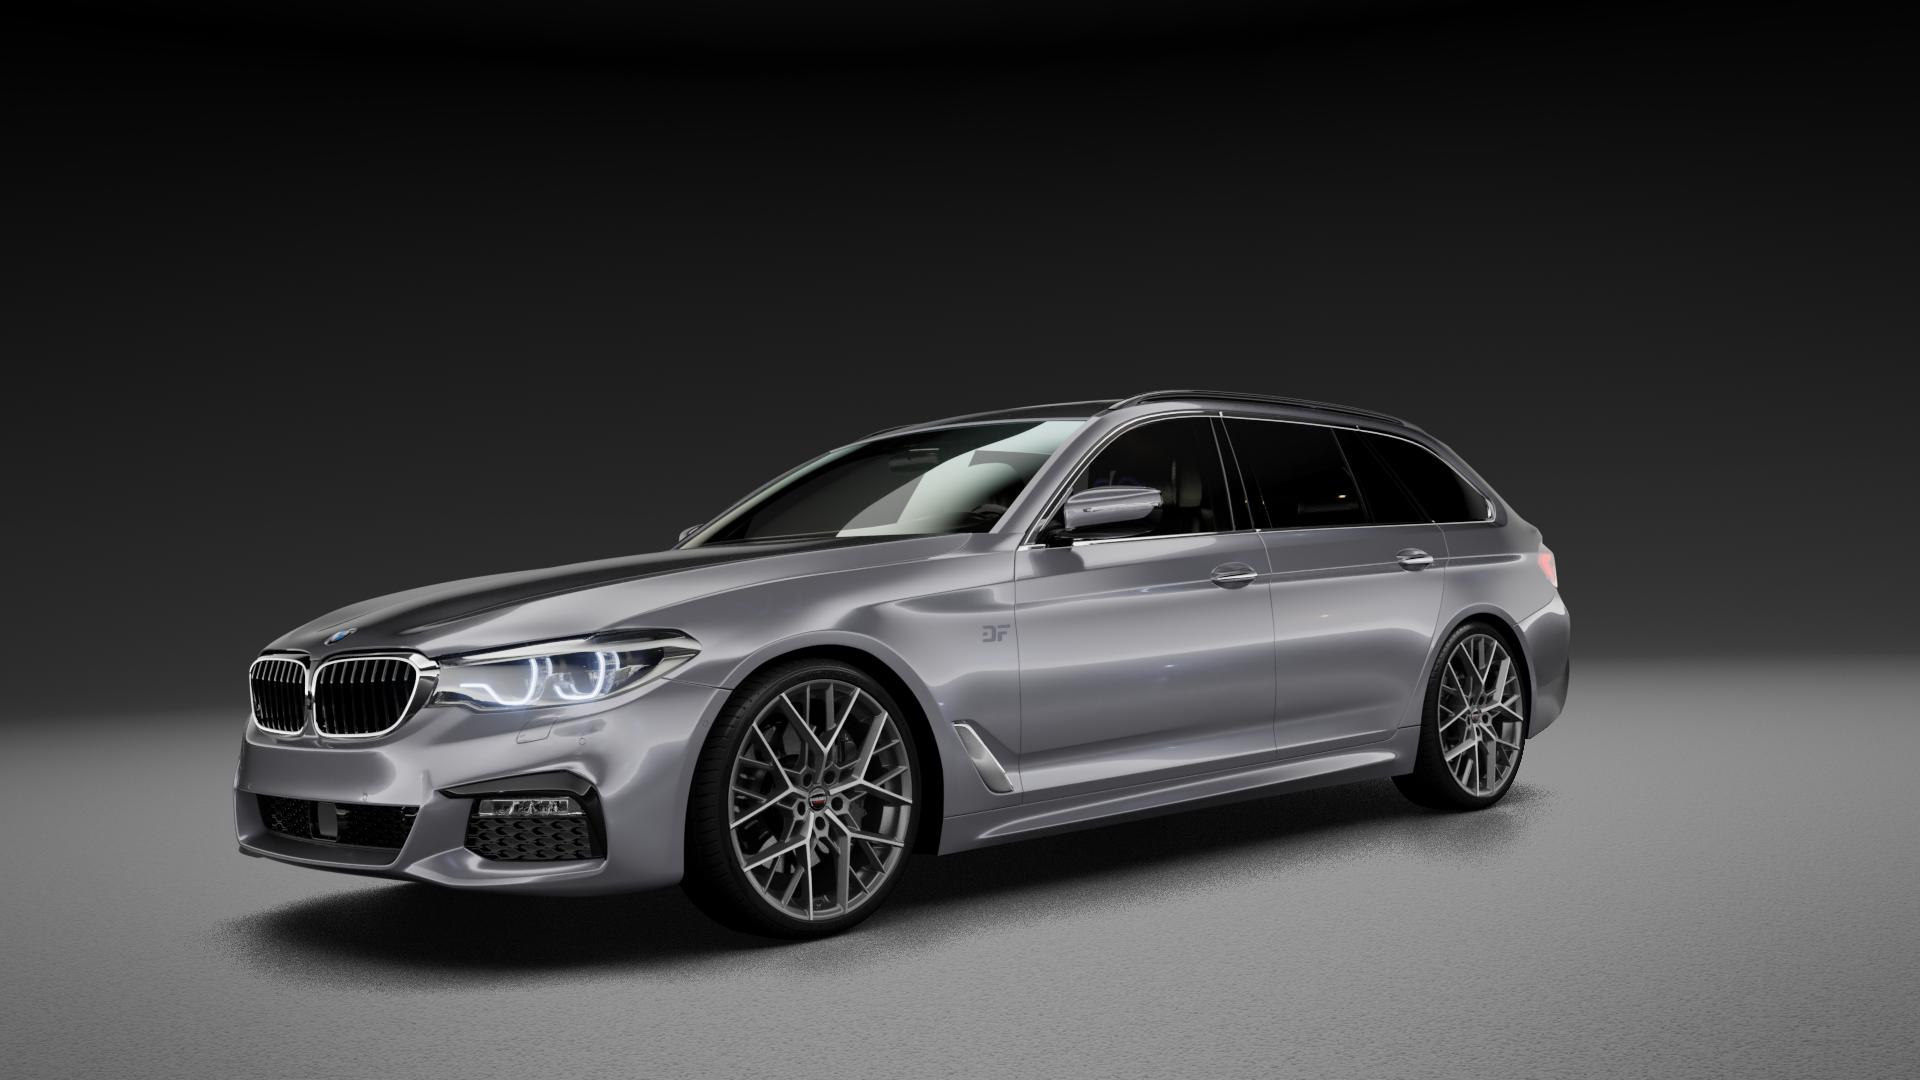 Borbet BY titan polished matt Felge mit Reifen grau in 20Zoll Alufelge auf silbernem BMW 5er G31 Touring (G5K) ⬇️ mit 15mm Tieferlegung ⬇️ Neutral_mid_max5300mm Frontansicht_1